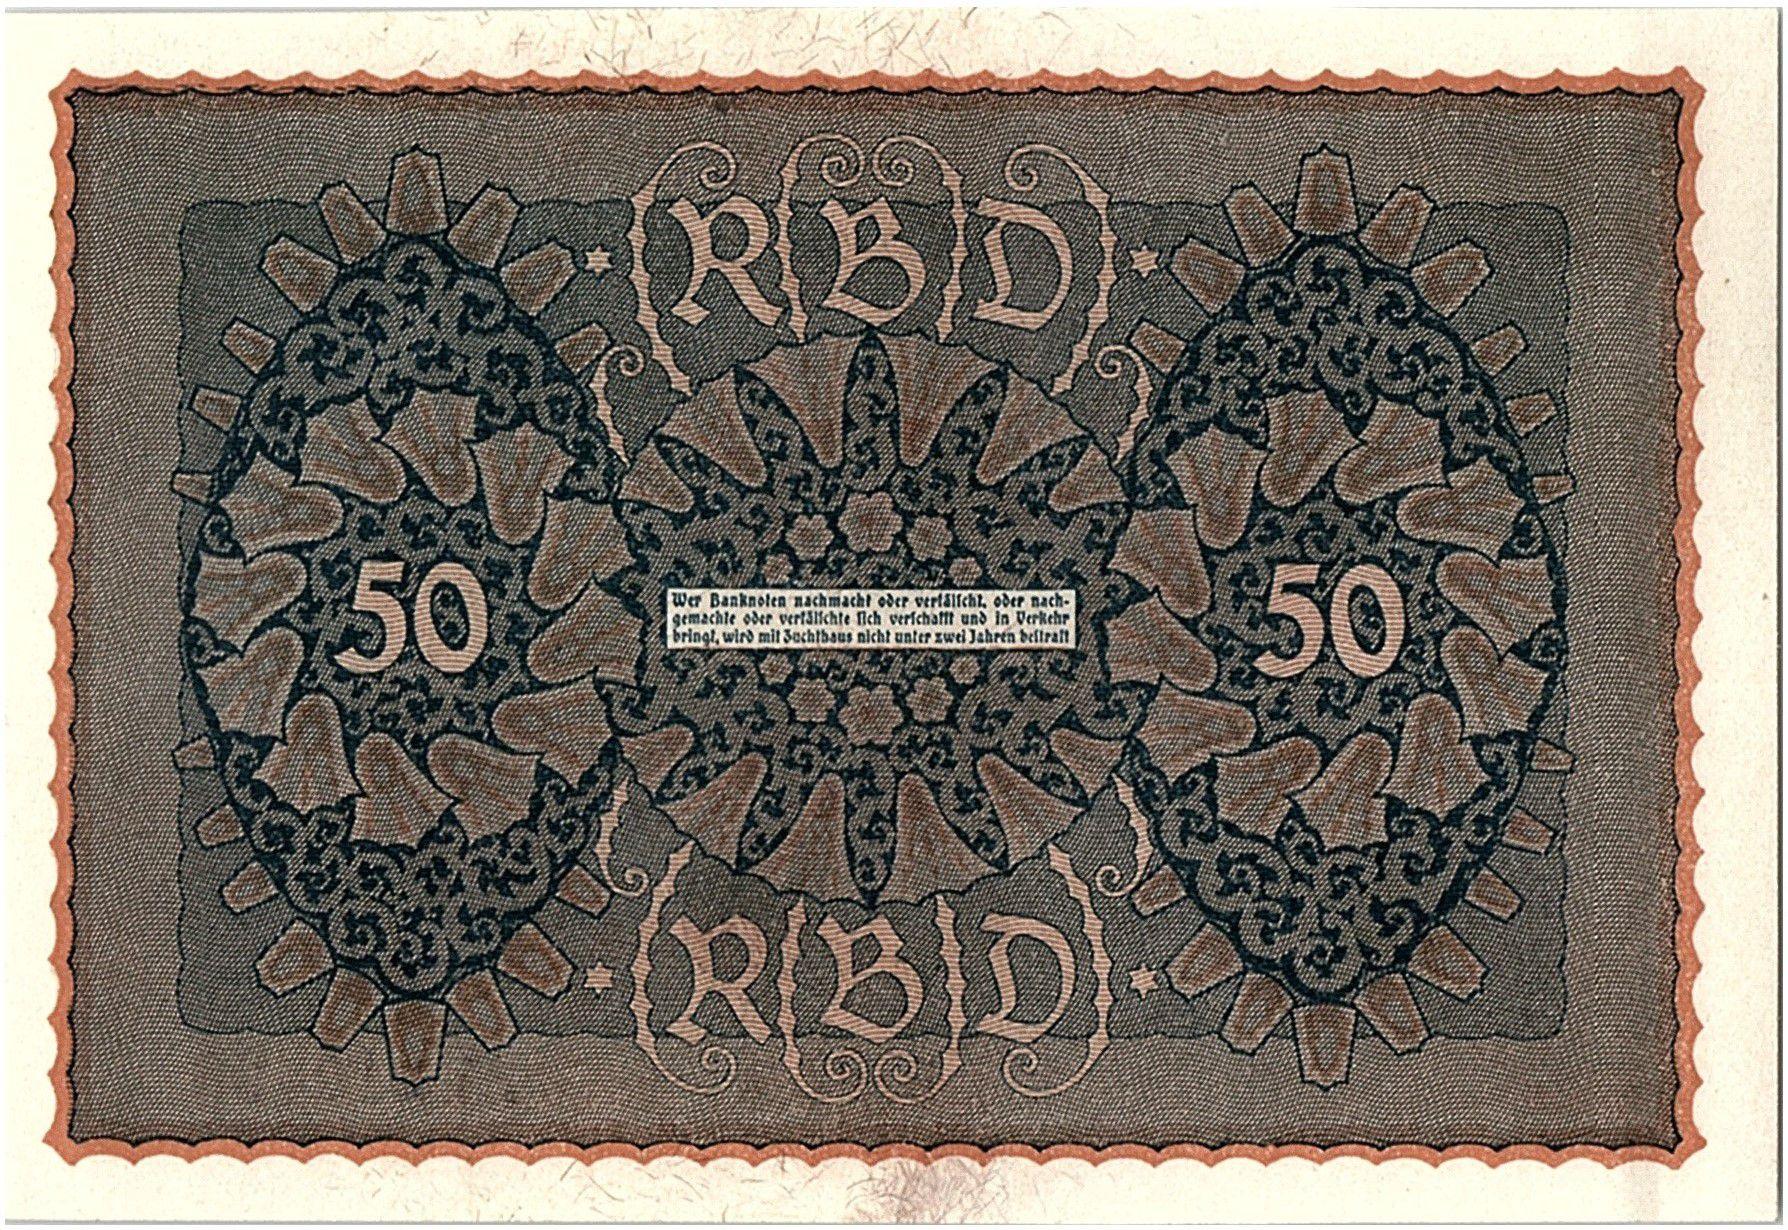 Allemagne 50 Mark Portrait de femme - 1919 - Reihe 1 Série RO a - p.NEUF - P.66